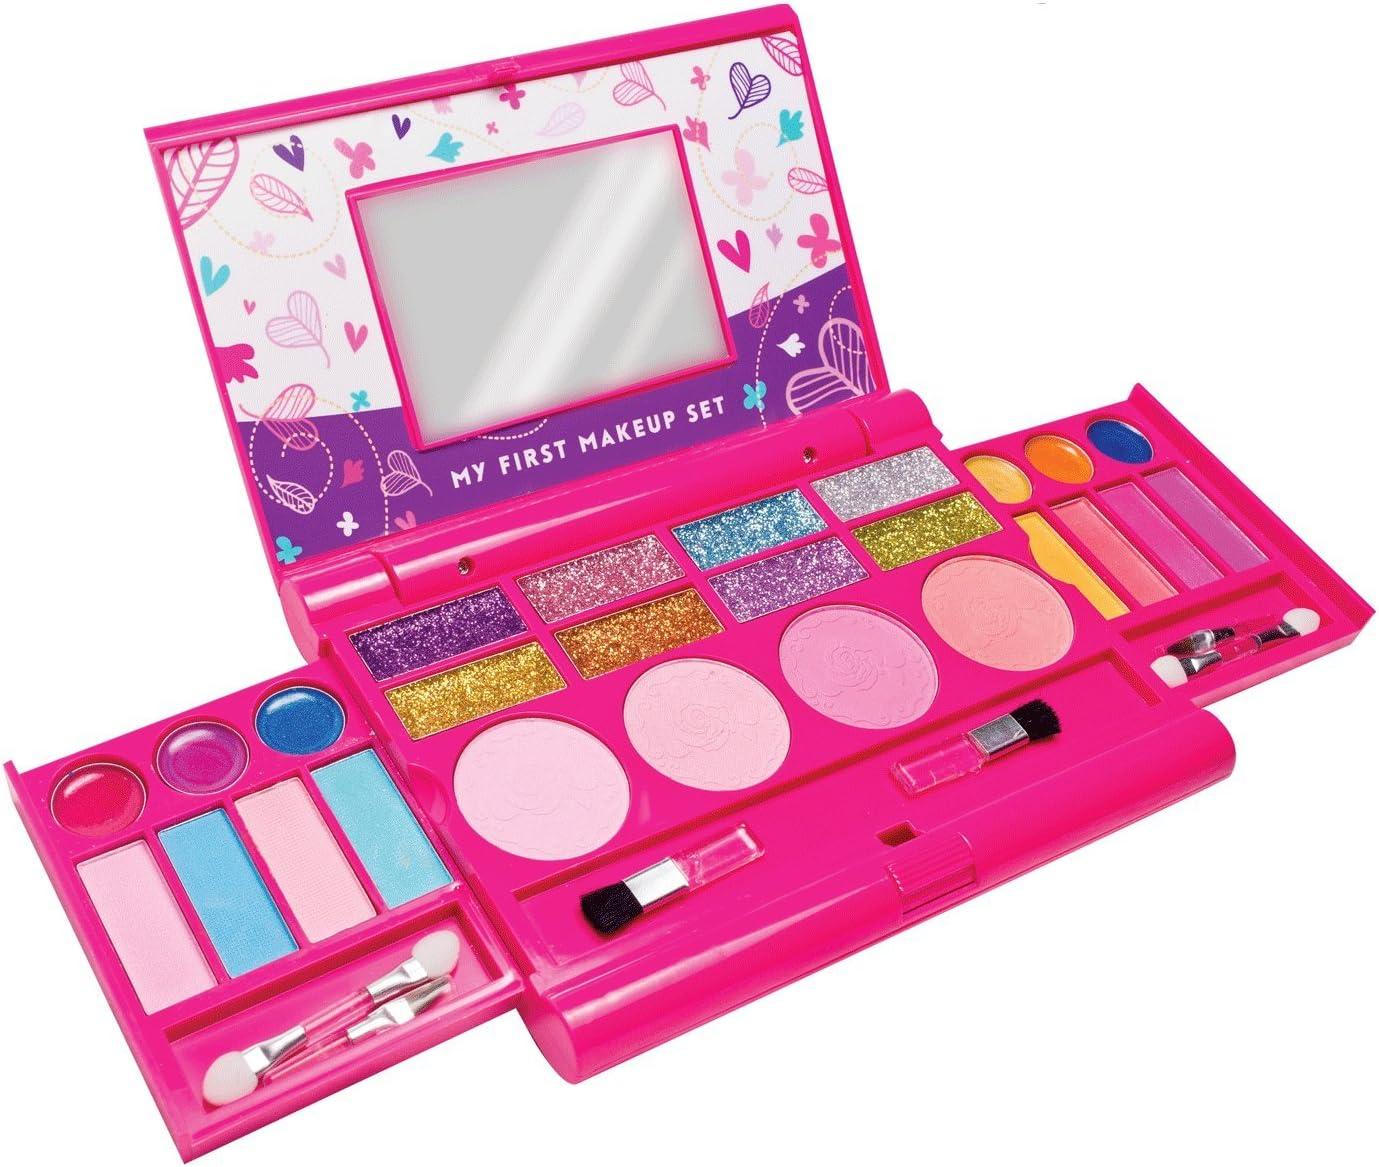 Mi primer set de maquillaje, kit de maquillaje para niñas, paleta de maquillaje desplegable con espejo y cierre de seguridad - Seguridad Comprobada - No Tóxico (Diseño original)